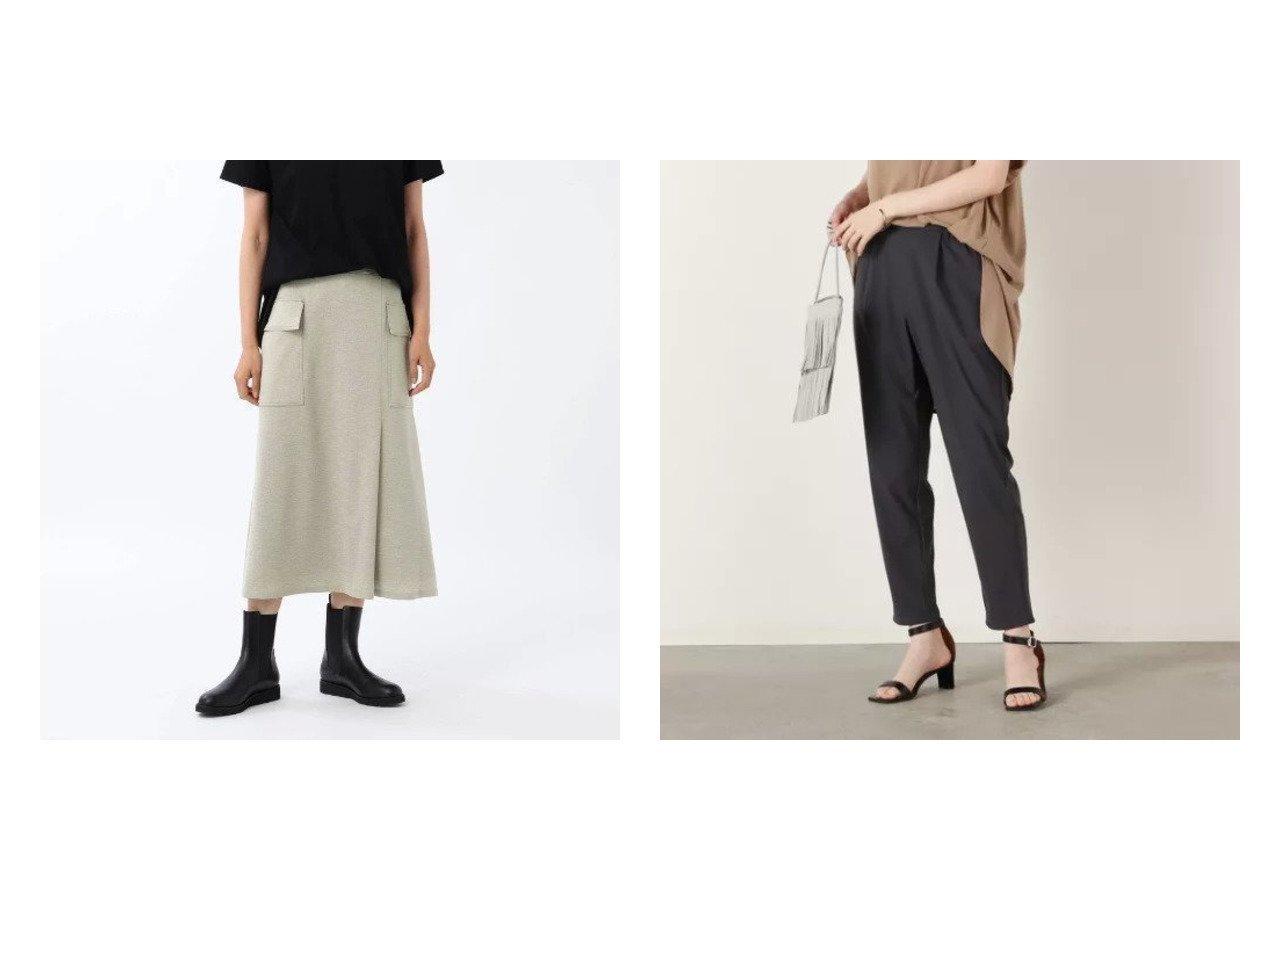 【NOLLEY'S sophi/ノーリーズソフィー】のトリコットタックパンツ&【UNTITLED/アンタイトル】のカーゴスカート 【パンツ】おすすめ!人気、トレンド・レディースファッションの通販 おすすめで人気の流行・トレンド、ファッションの通販商品 インテリア・家具・メンズファッション・キッズファッション・レディースファッション・服の通販 founy(ファニー) https://founy.com/ ファッション Fashion レディースファッション WOMEN スカート Skirt パンツ Pants カーゴパンツ トレンド ポケット ミリタリー リラックス ワーク おすすめ Recommend なめらか ジャケット ストレッチ セットアップ 軽量 |ID:crp329100000060846